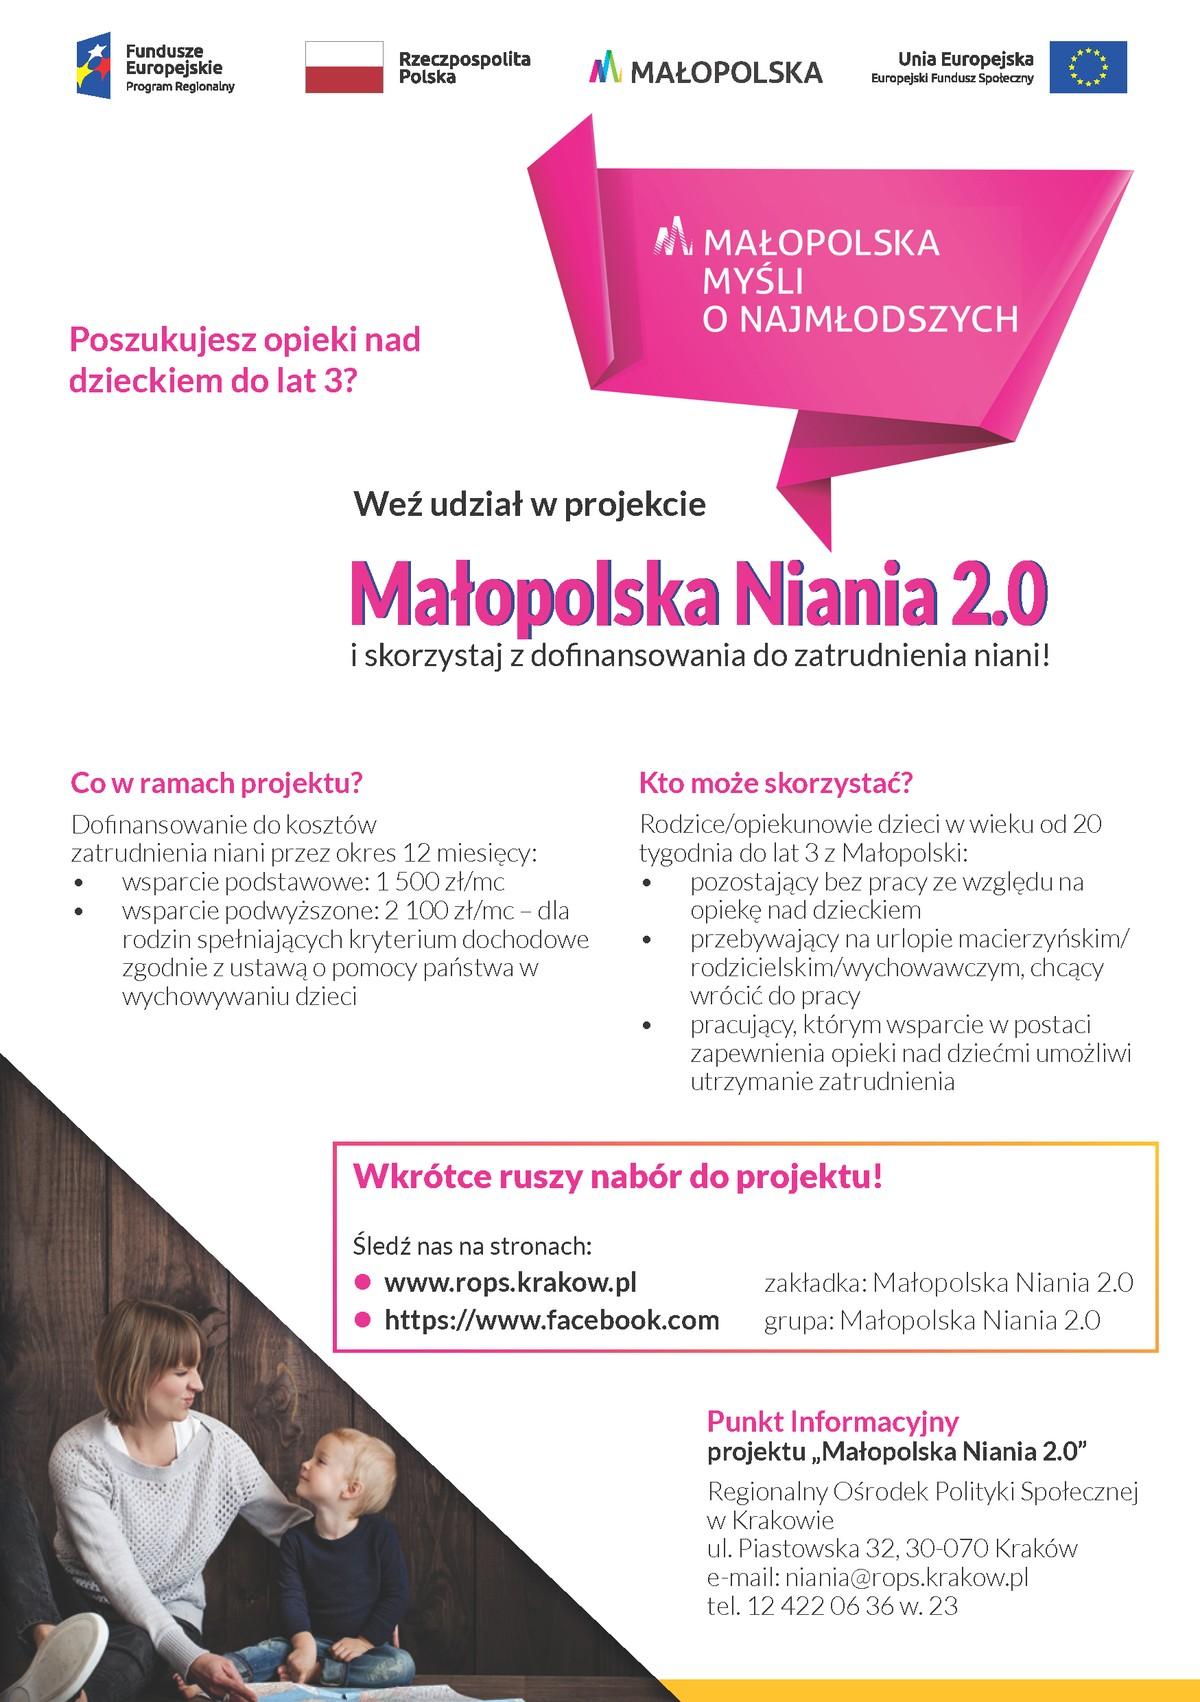 Małopolska Niania 2.0